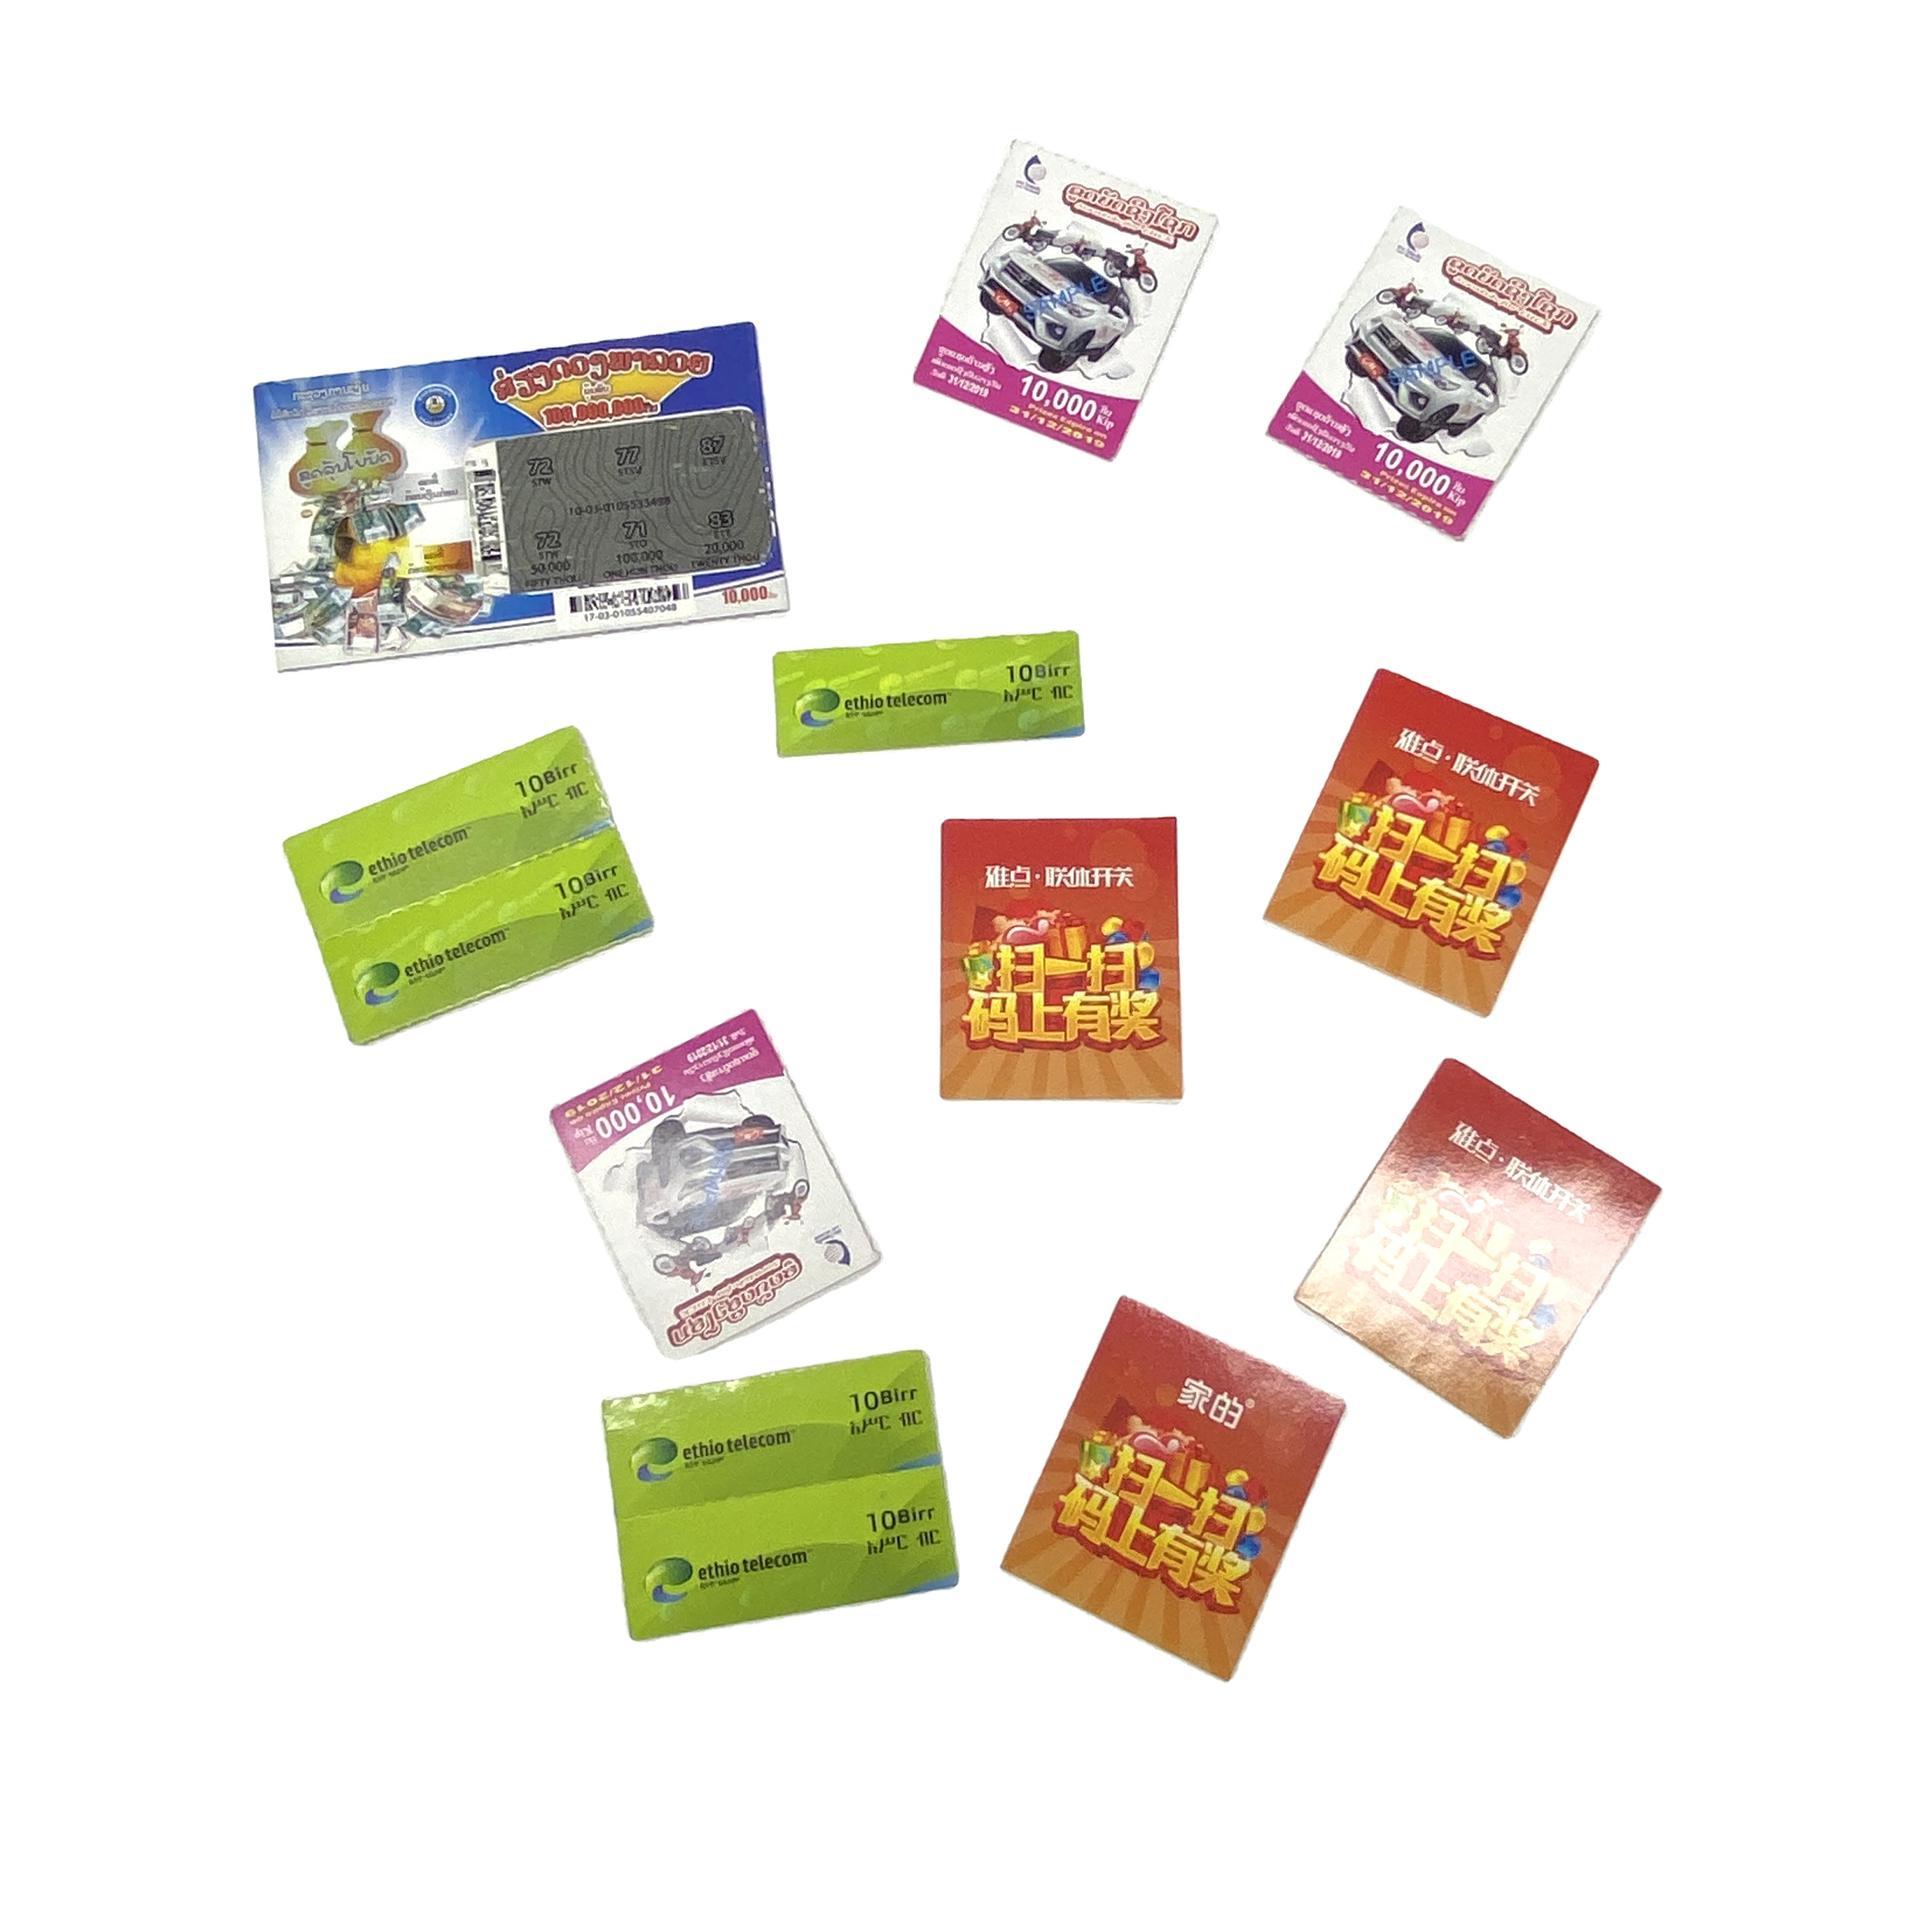 Original Card Sticker Game Machine Ticket Online Scratch Off Lottery Tickets